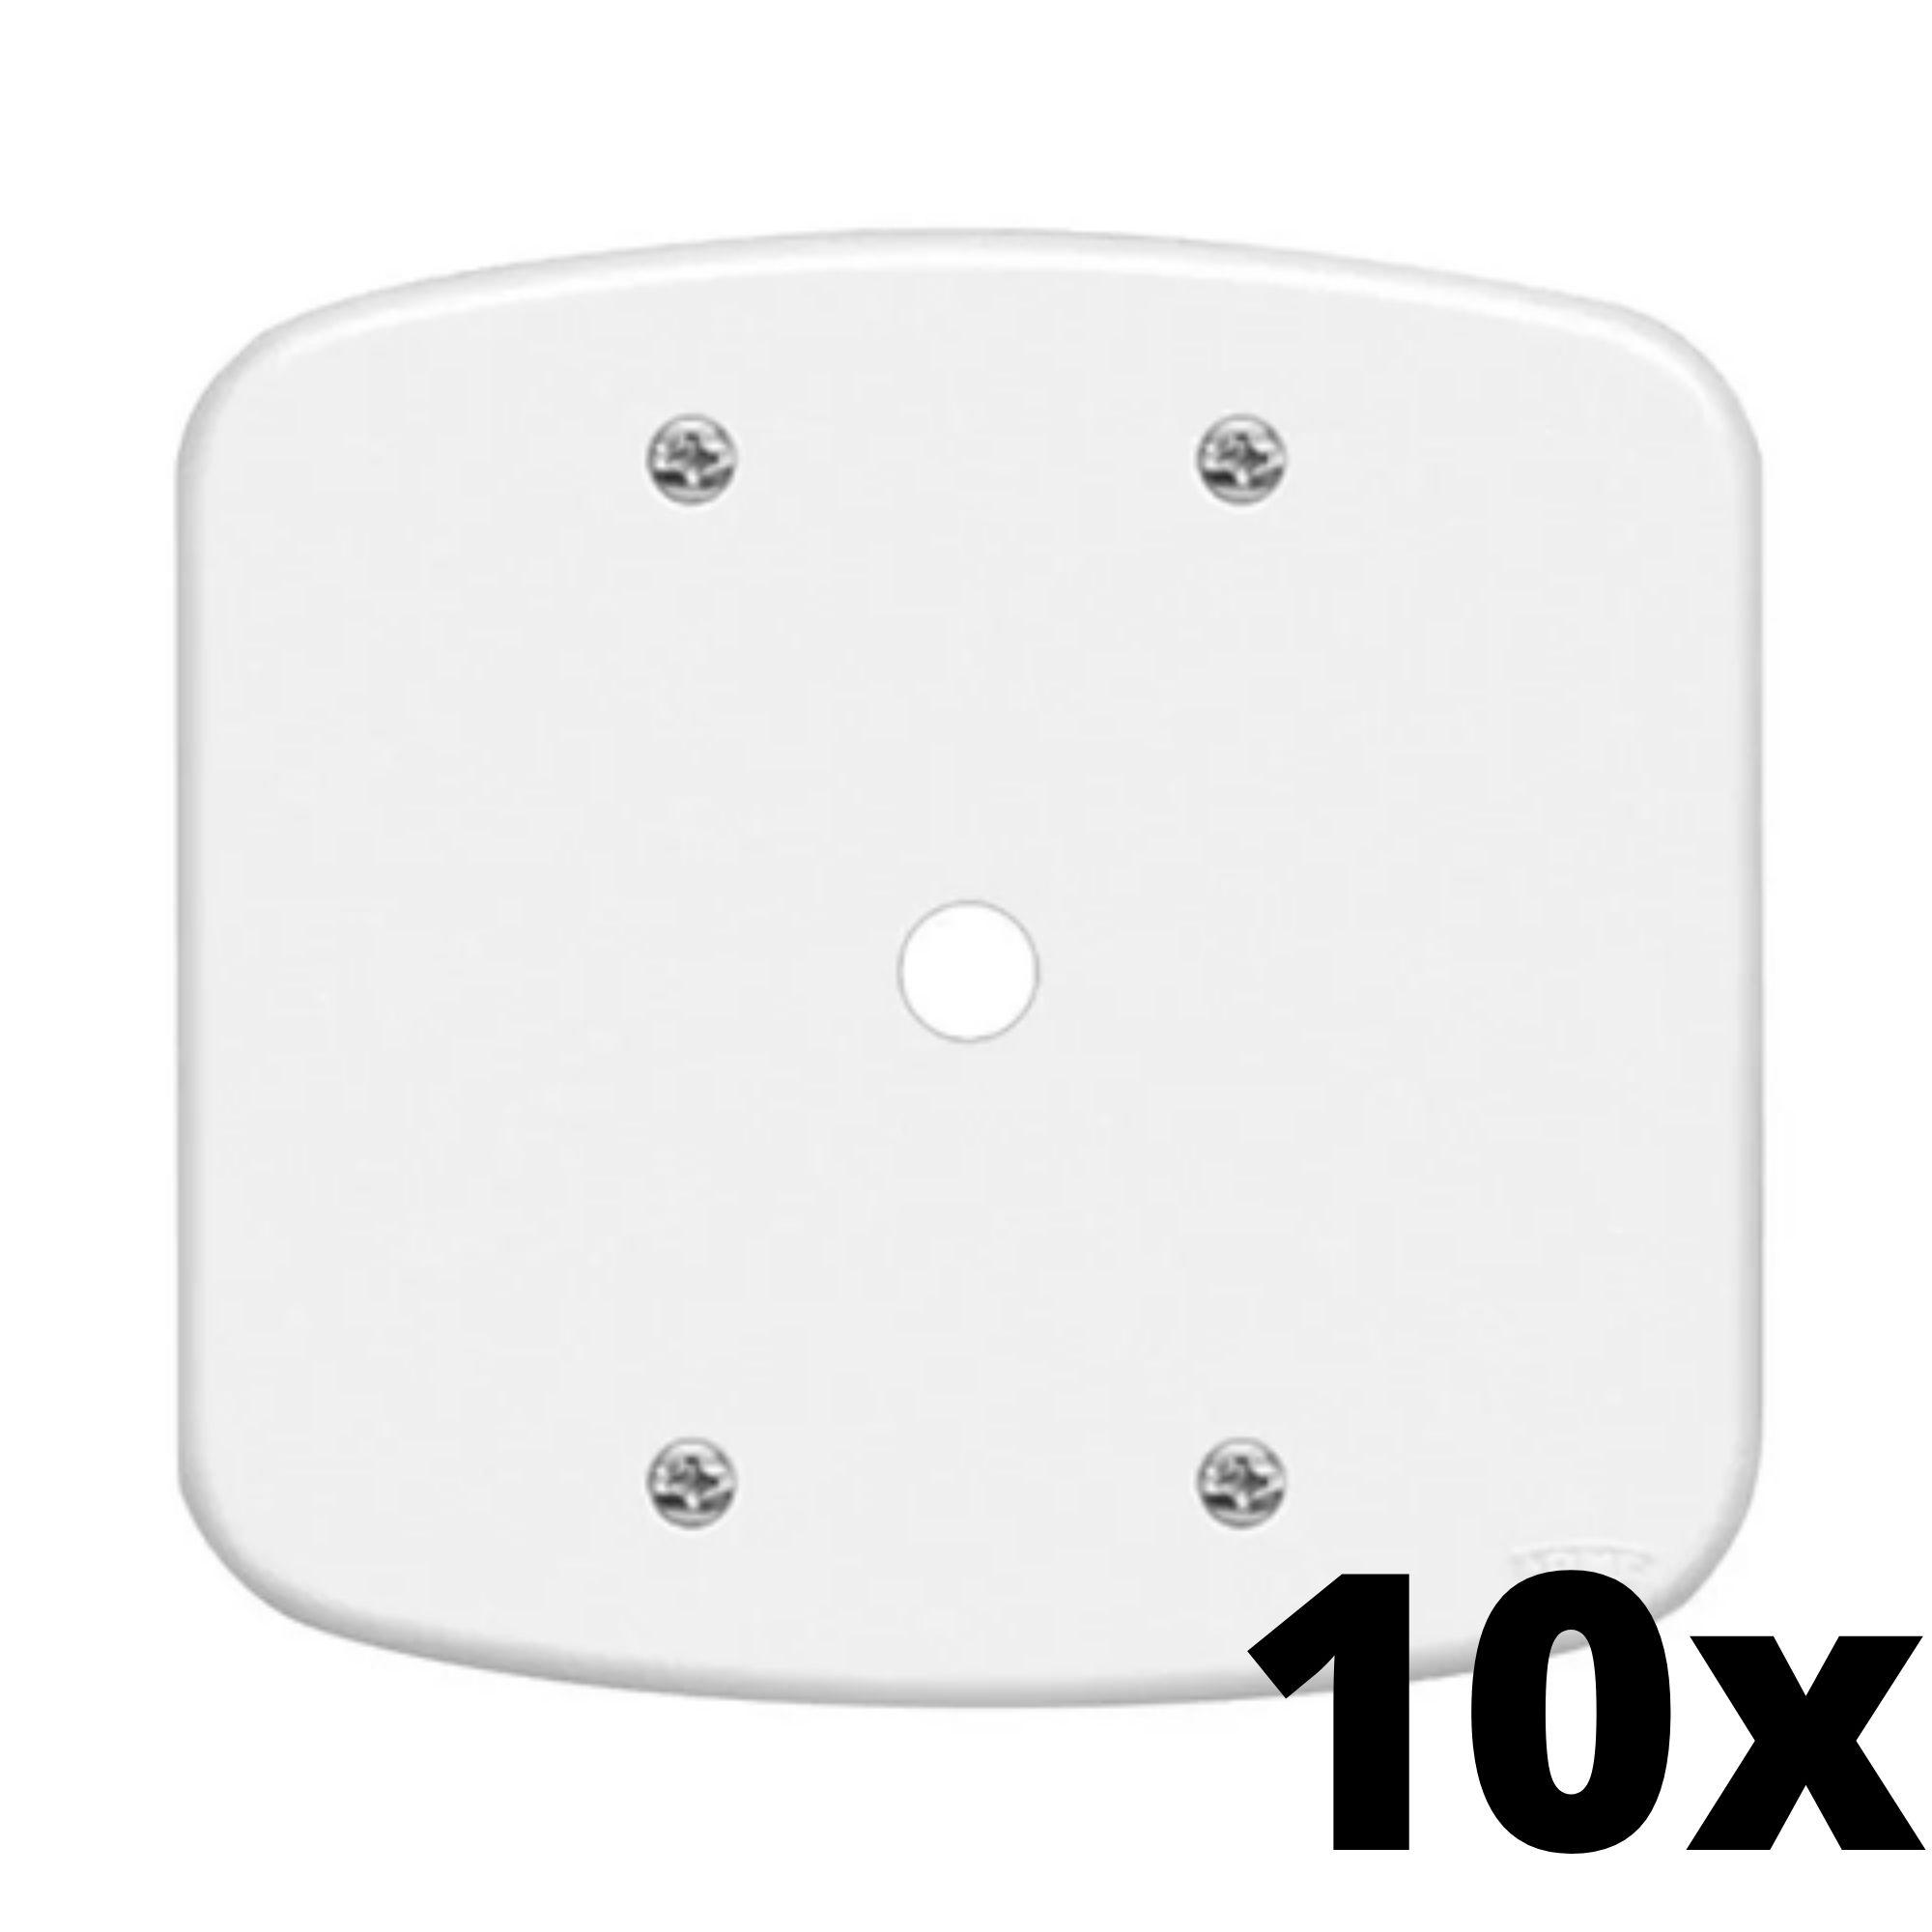 kit 10 und Blanc Placa 4x4 Com Furo